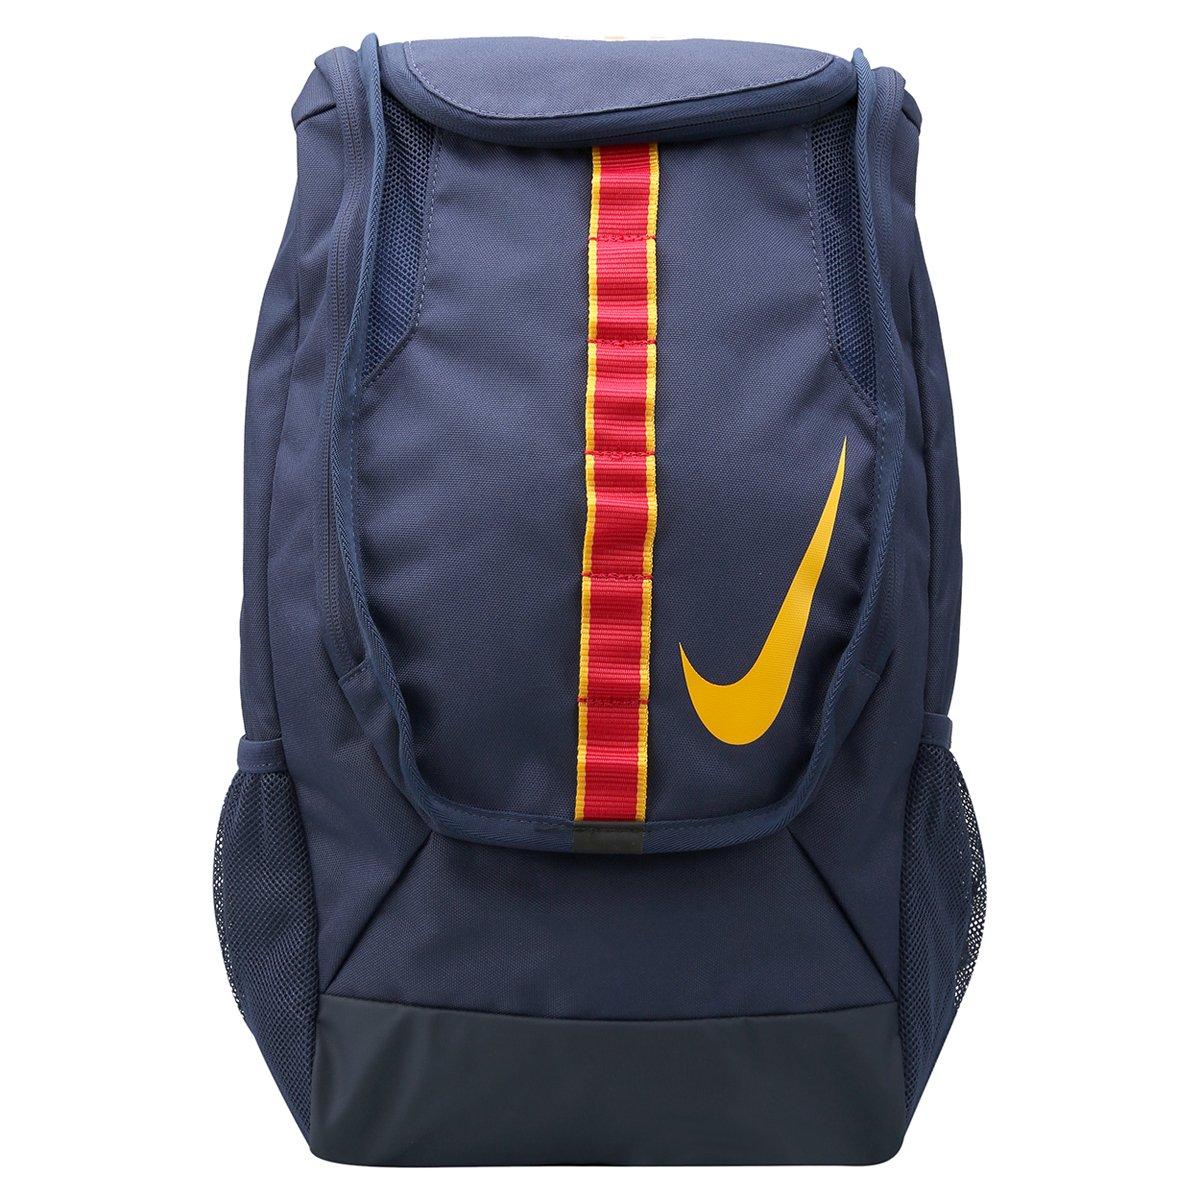 9d927c1470 Mochila Barcelona Nike Allegiance Shield Co - Compre Agora